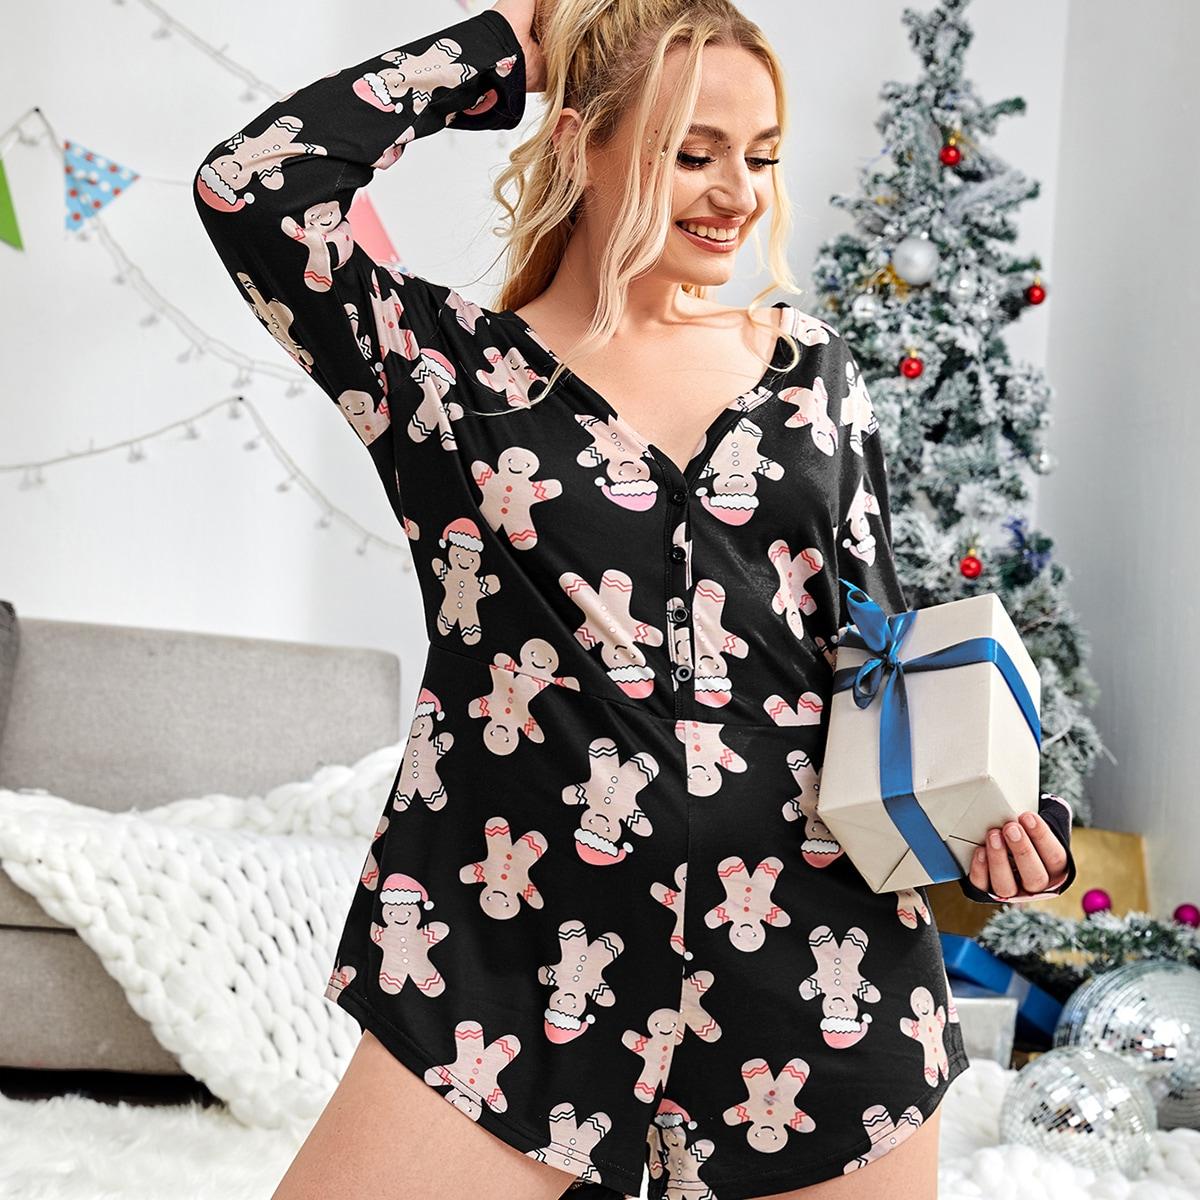 Пуговица рождество милый пижамный комбинезон размера плюс